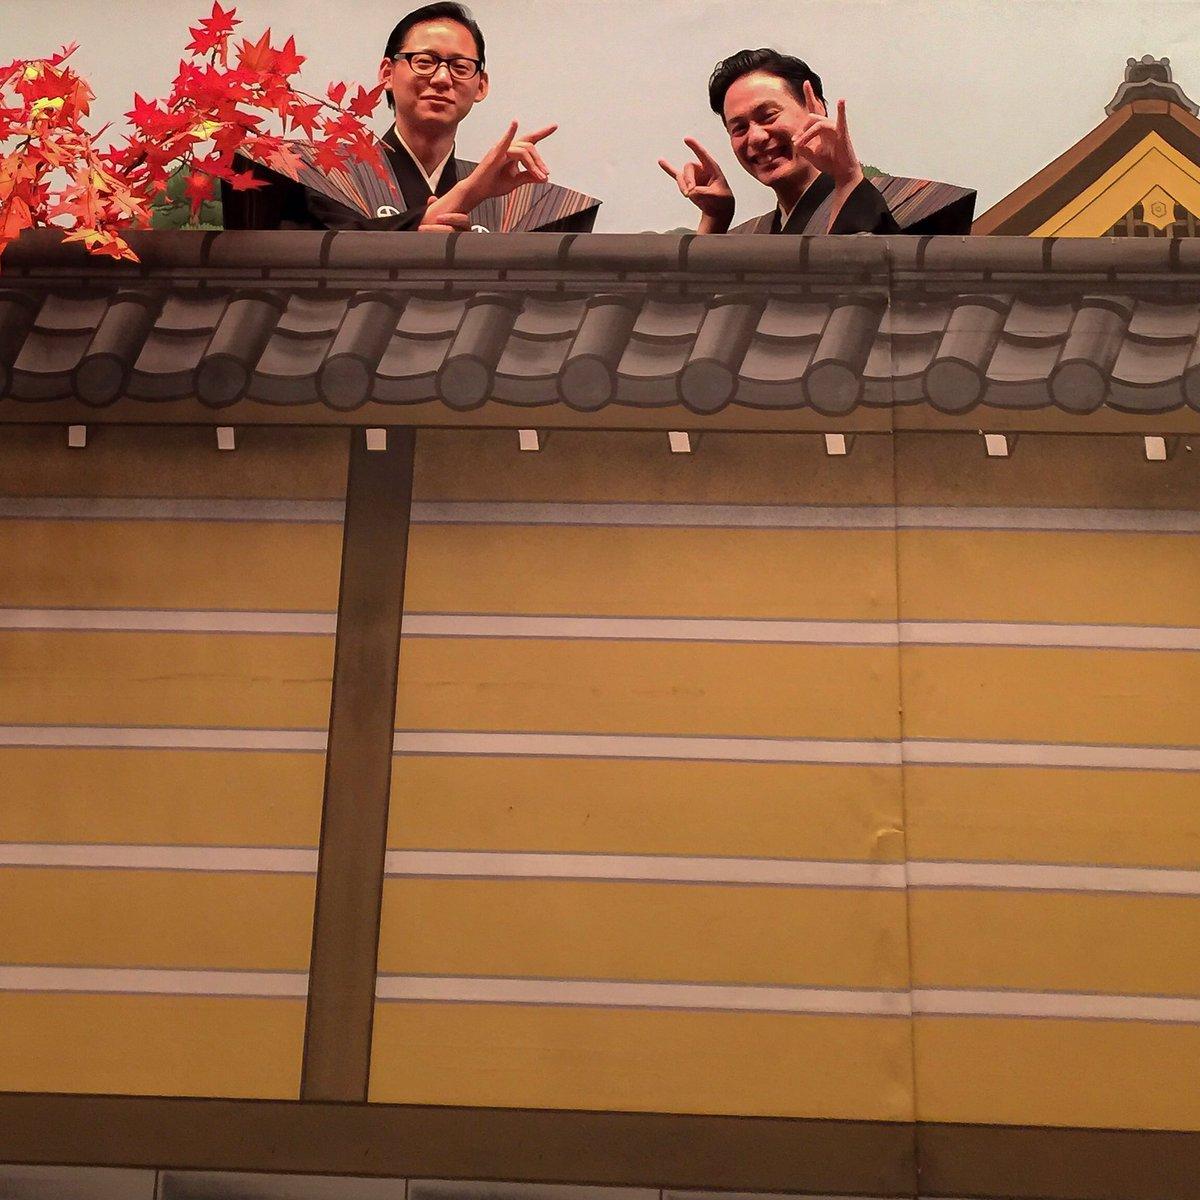 友之助さんと妖狐ちゃんポーズ。文楽9月公演、千秋楽でした。お越しいただき、ありがとうございました。今度は中之島文楽で、、